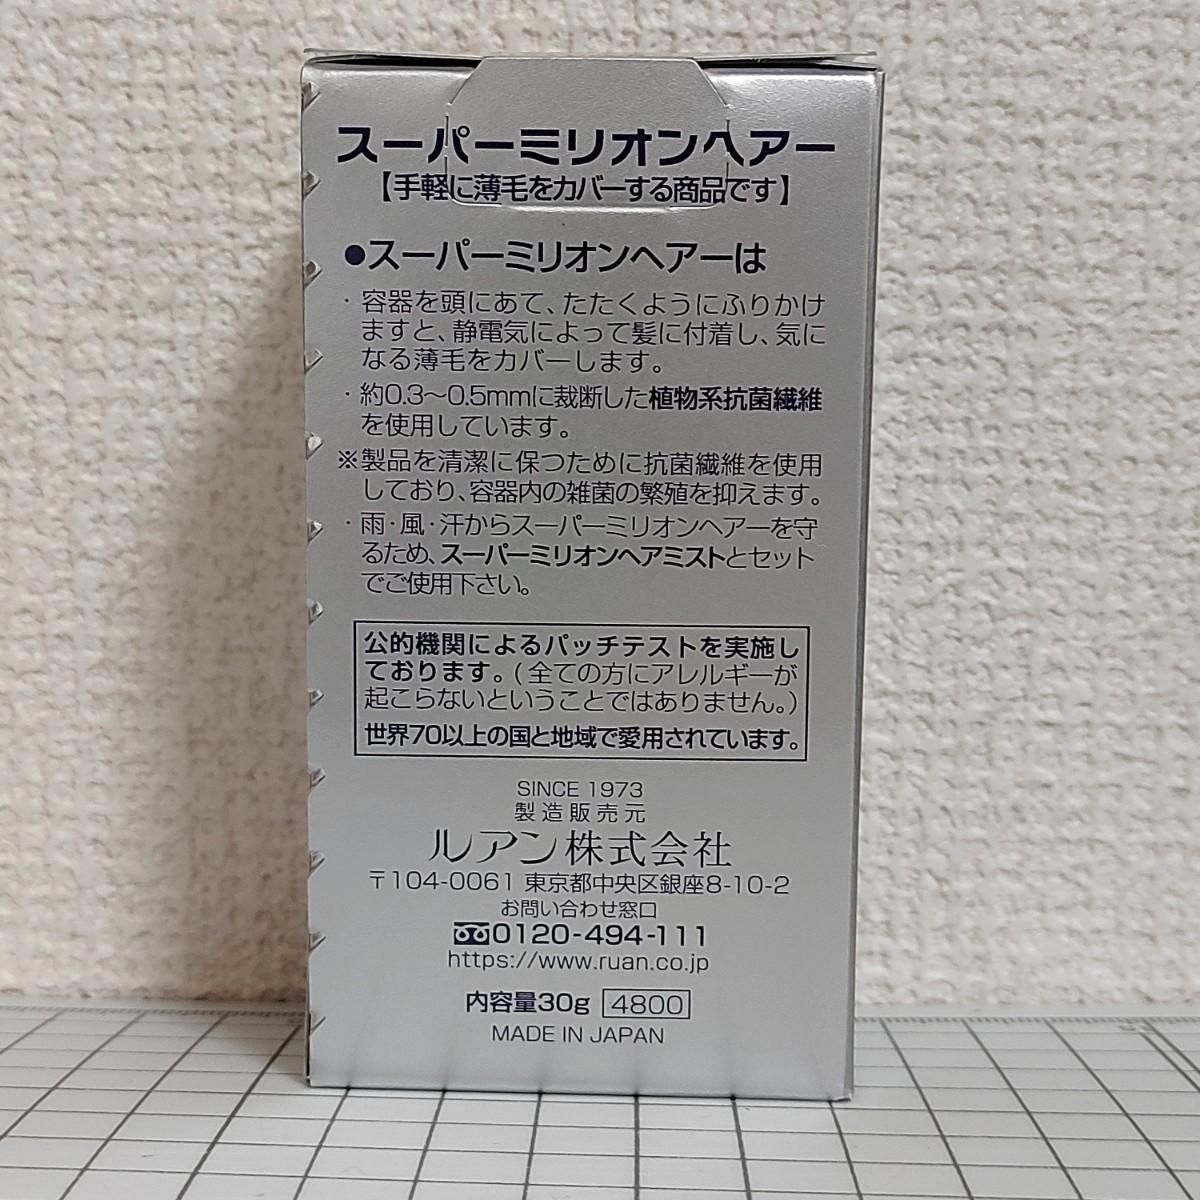 スーパーミリオンヘアー ライトブラウン 30g 3箱 新品・未開封